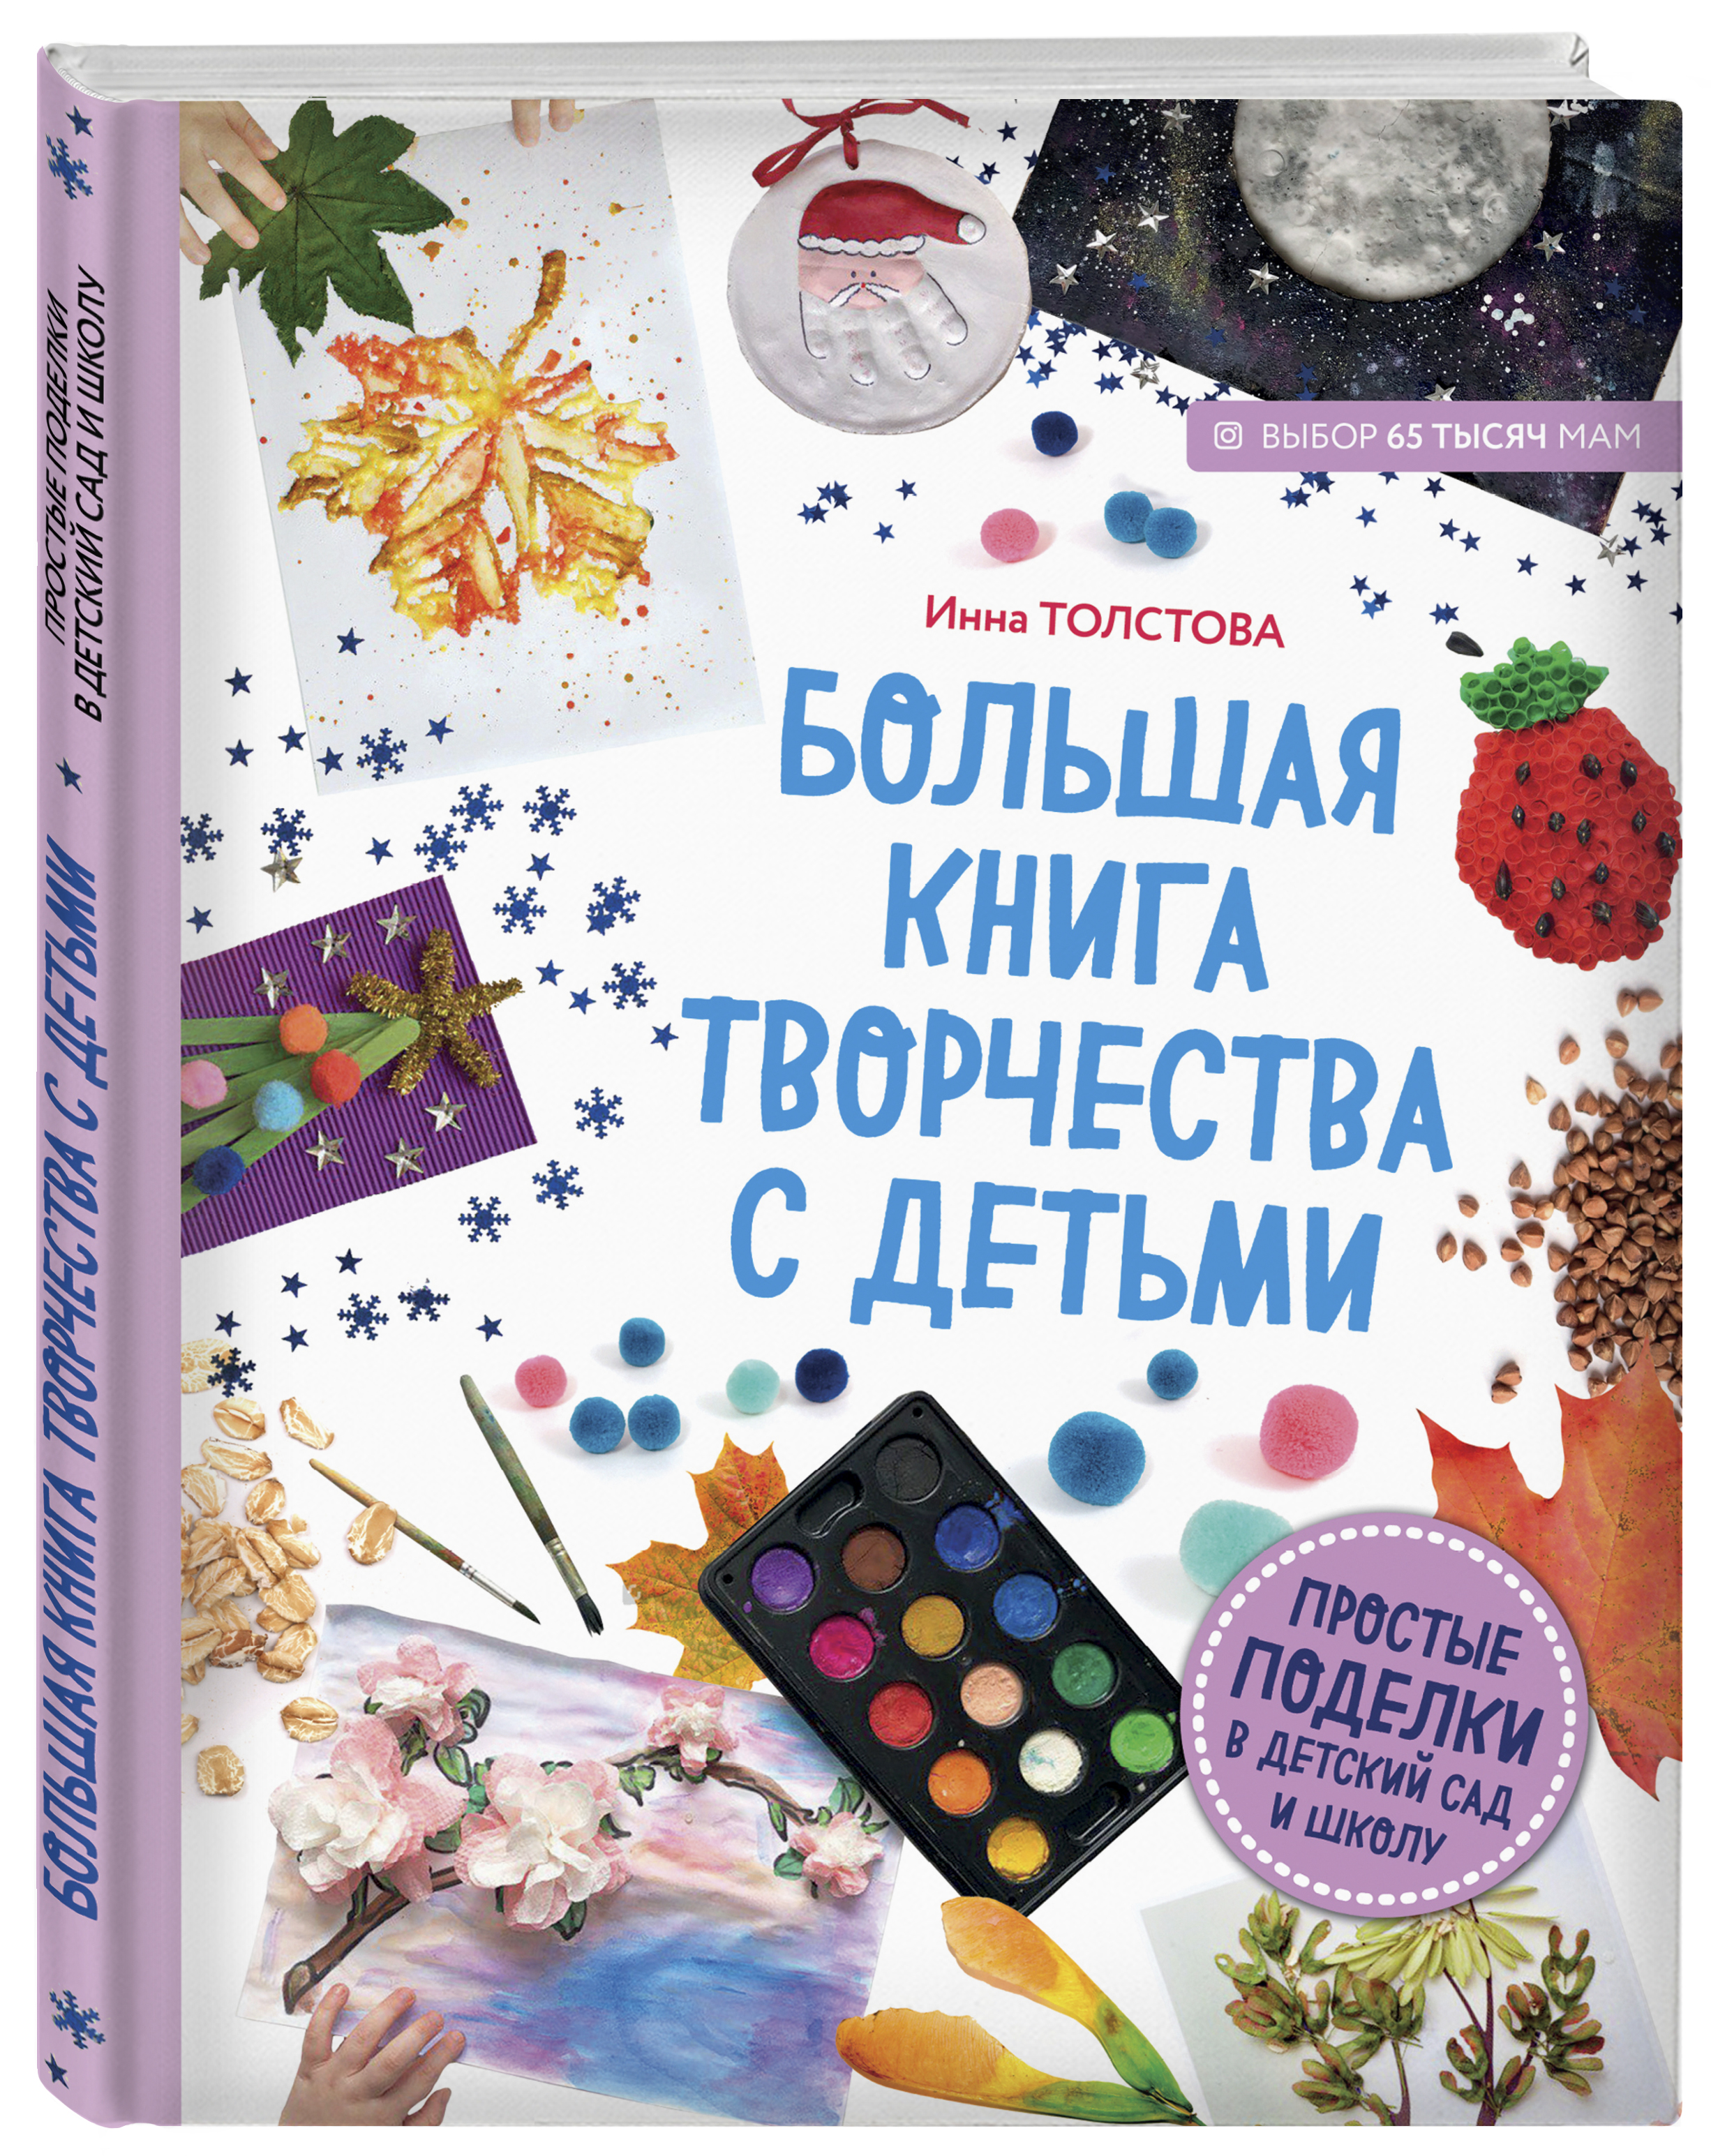 Инна Толстова Большая книга творчества с детьми. Простые поделки в детский сад и школу поделки для сада из шишек